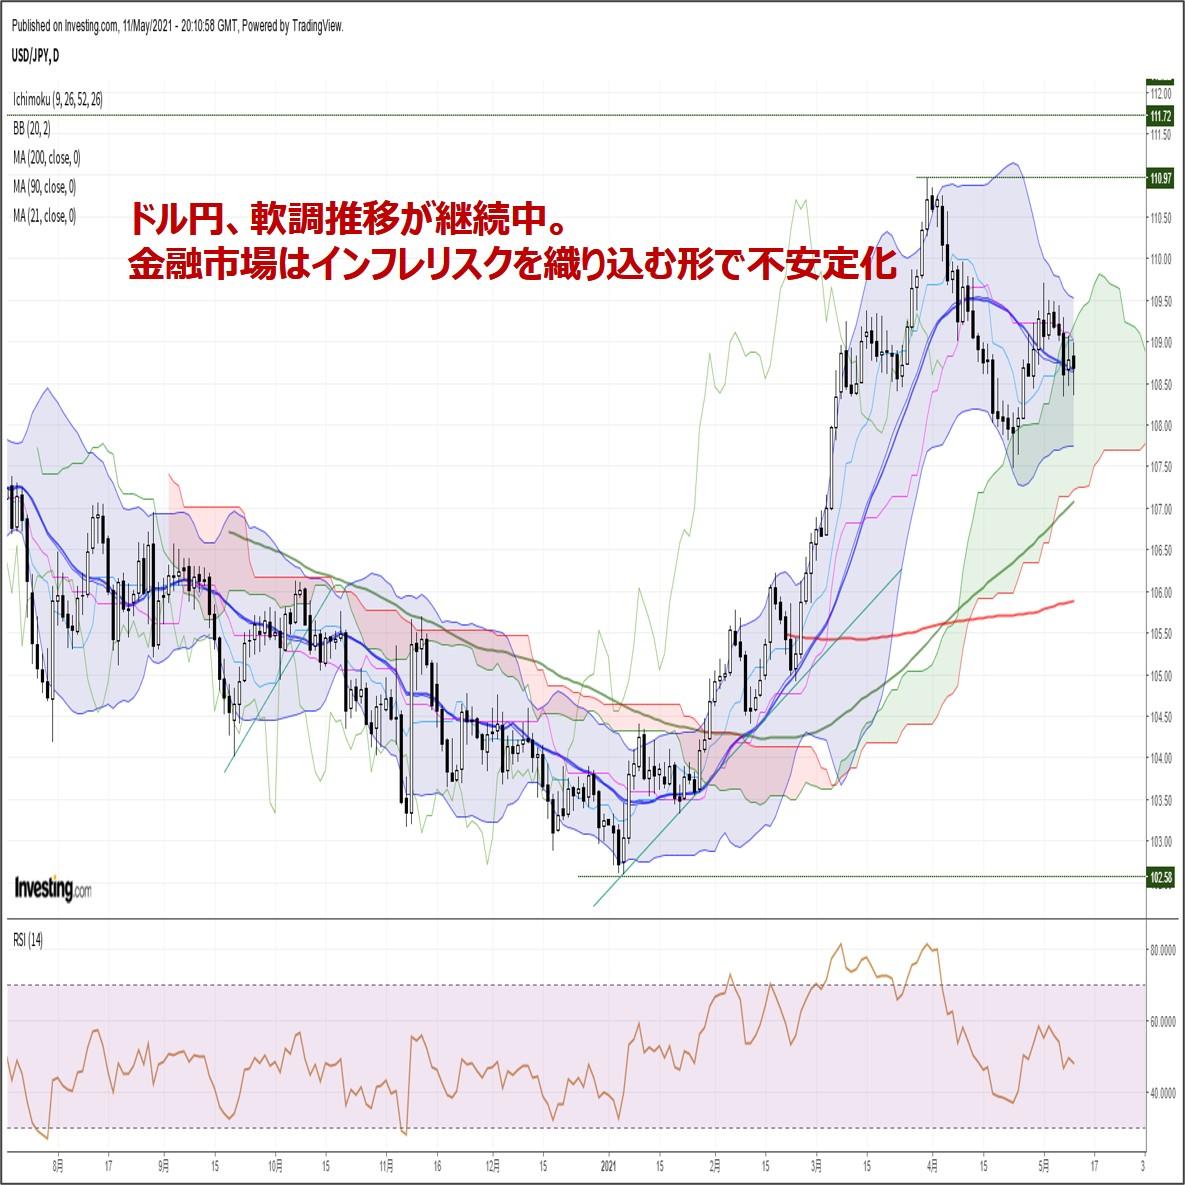 ドル円、軟調推移が継続中。金融市場はインフレリスクを織り込む形で不安定化(5/12朝)